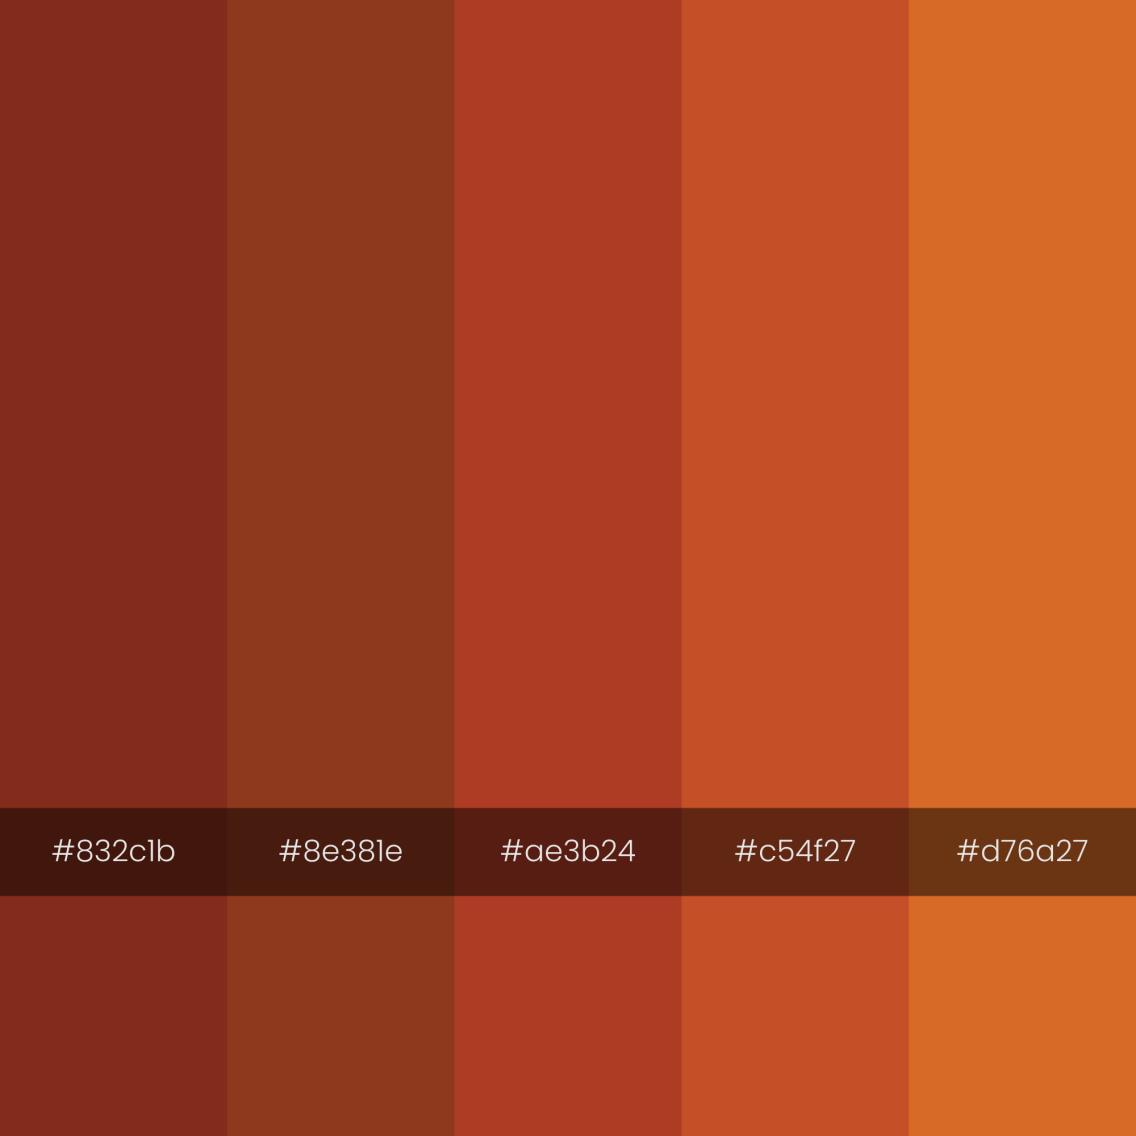 color-palette-sweet-potato-monochrome-2000-2000